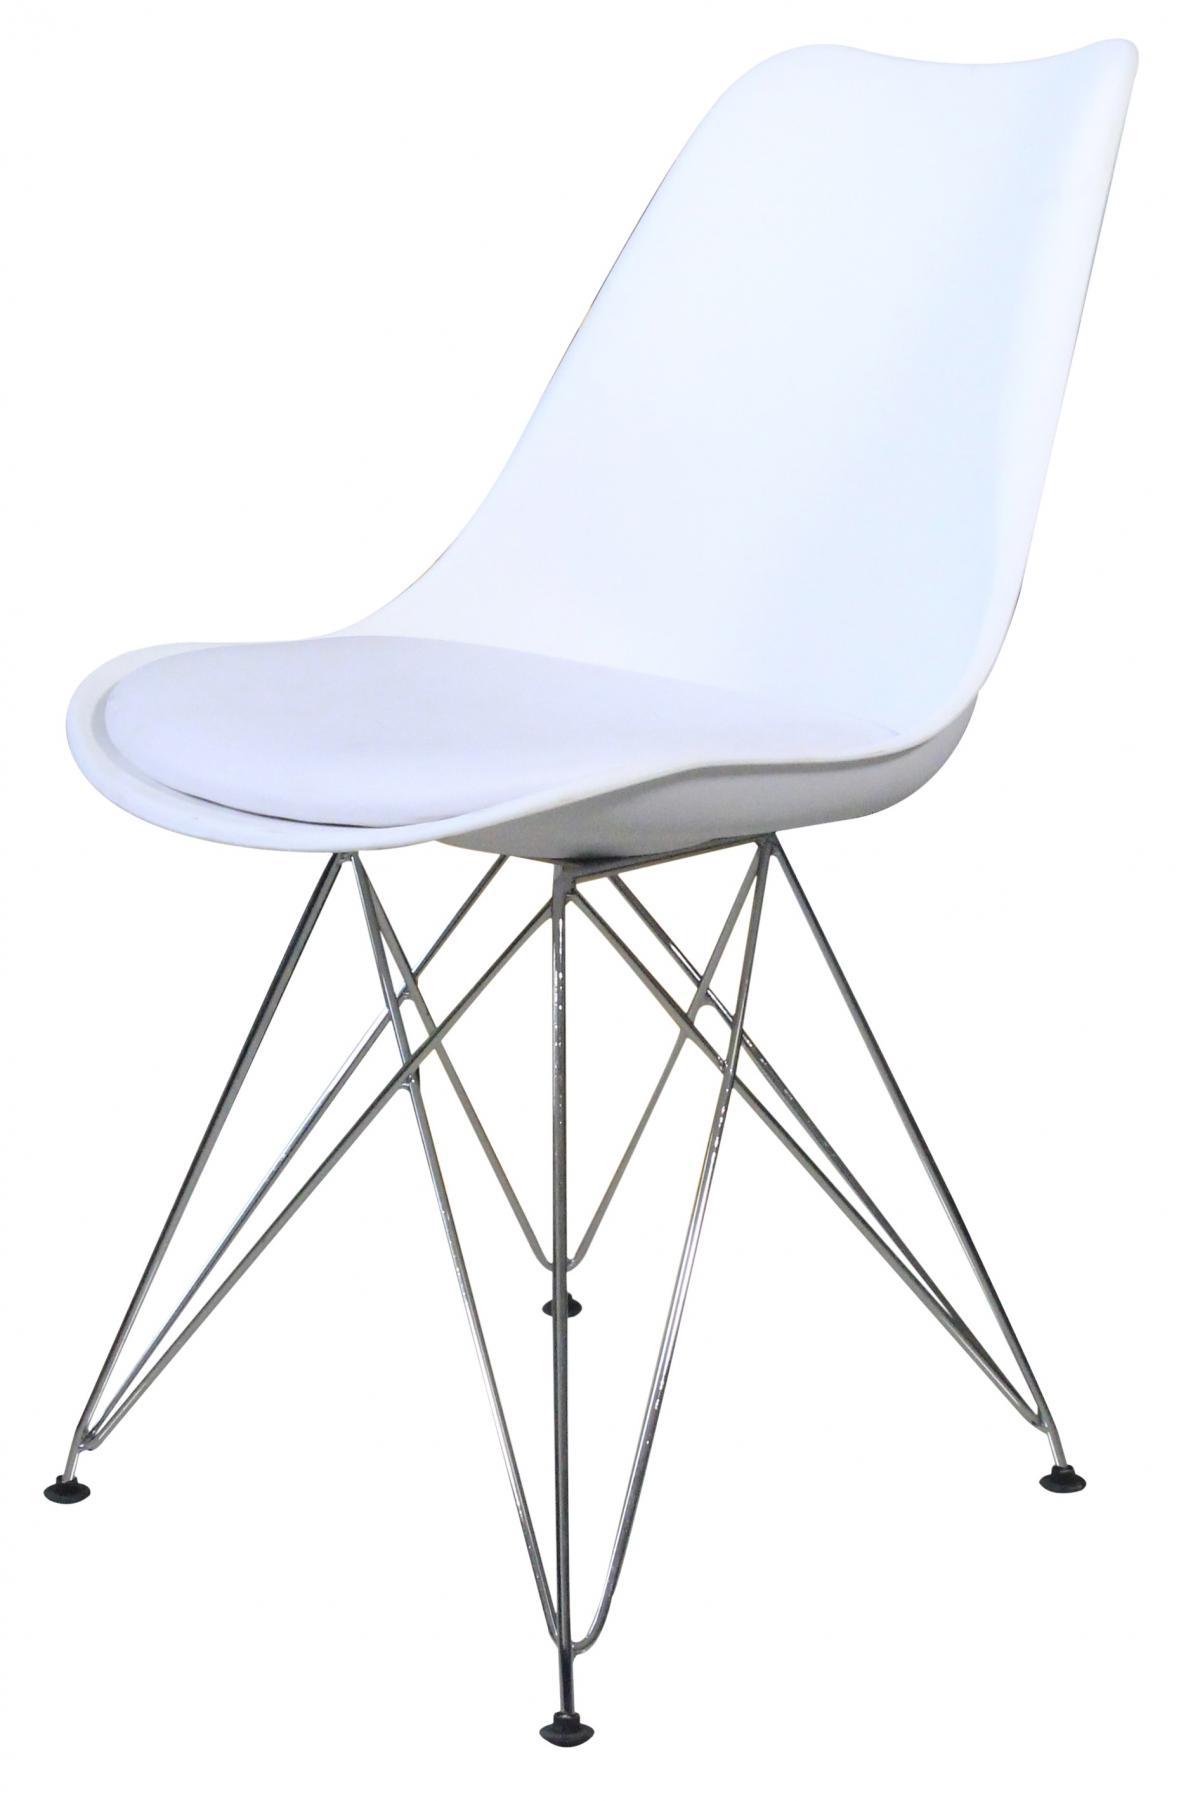 כיסא לפינת אוכל דגם Metal Tulip לבן